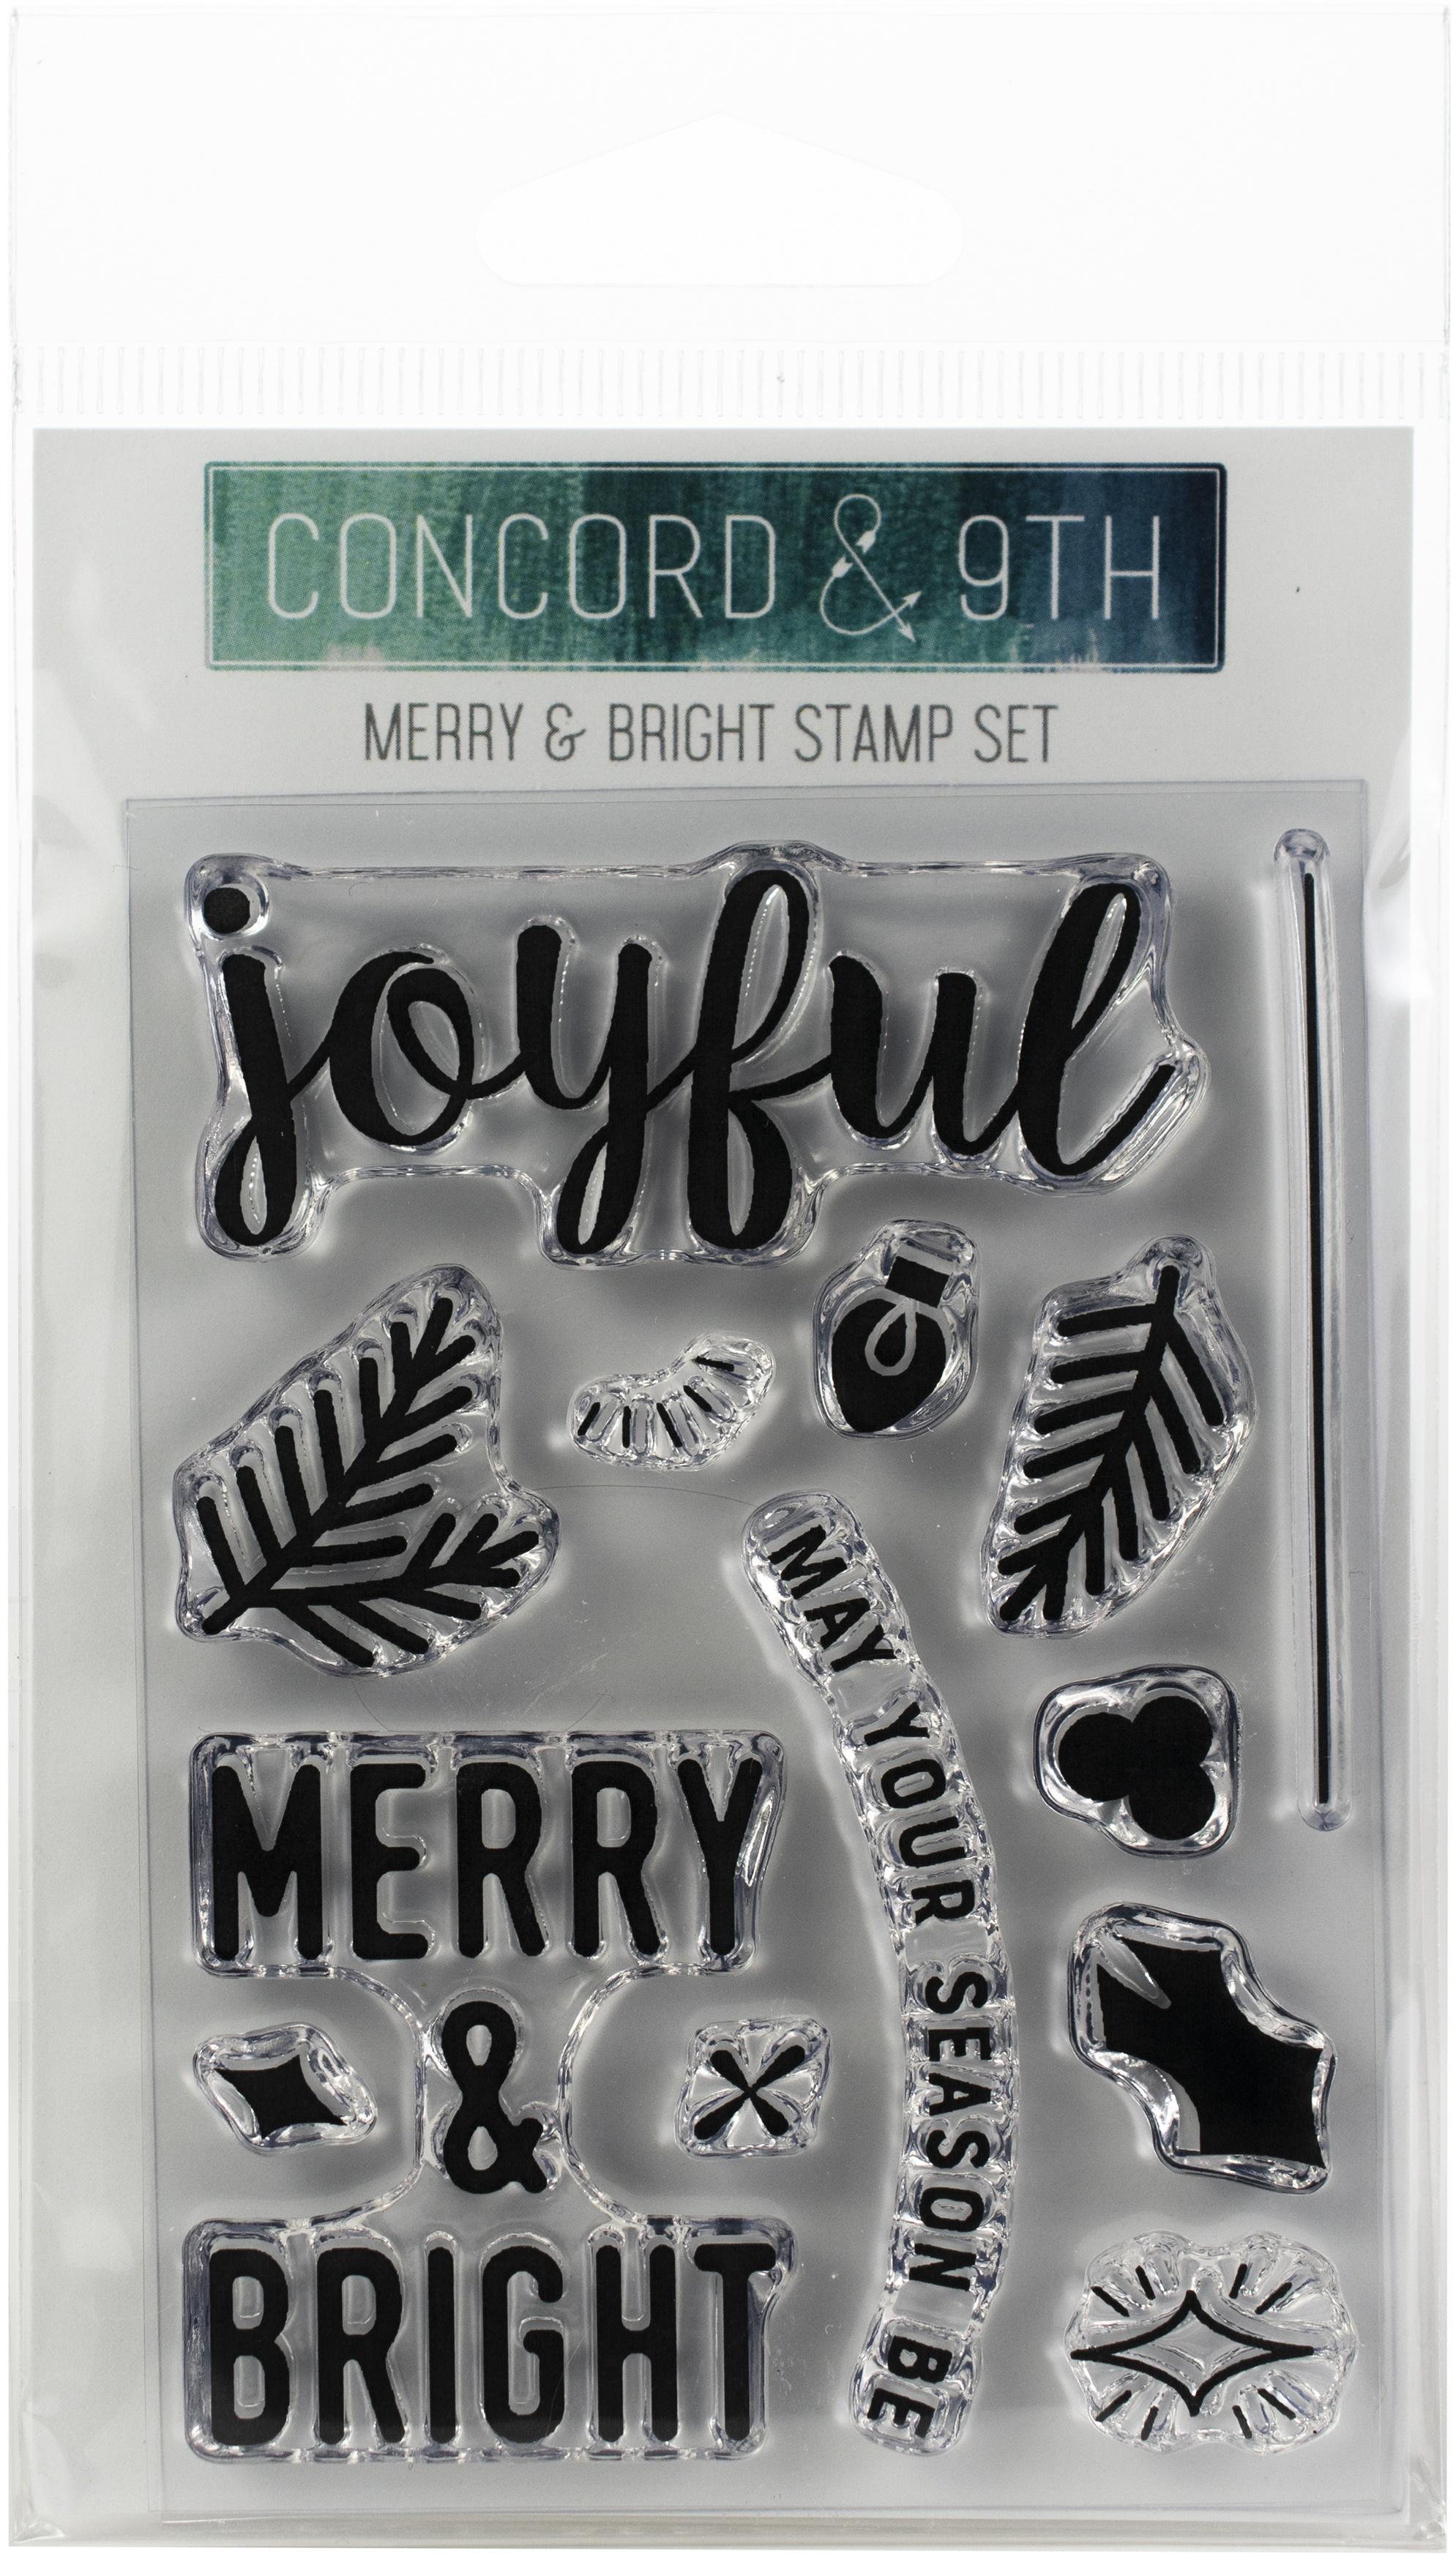 Merry & Bright Stamp